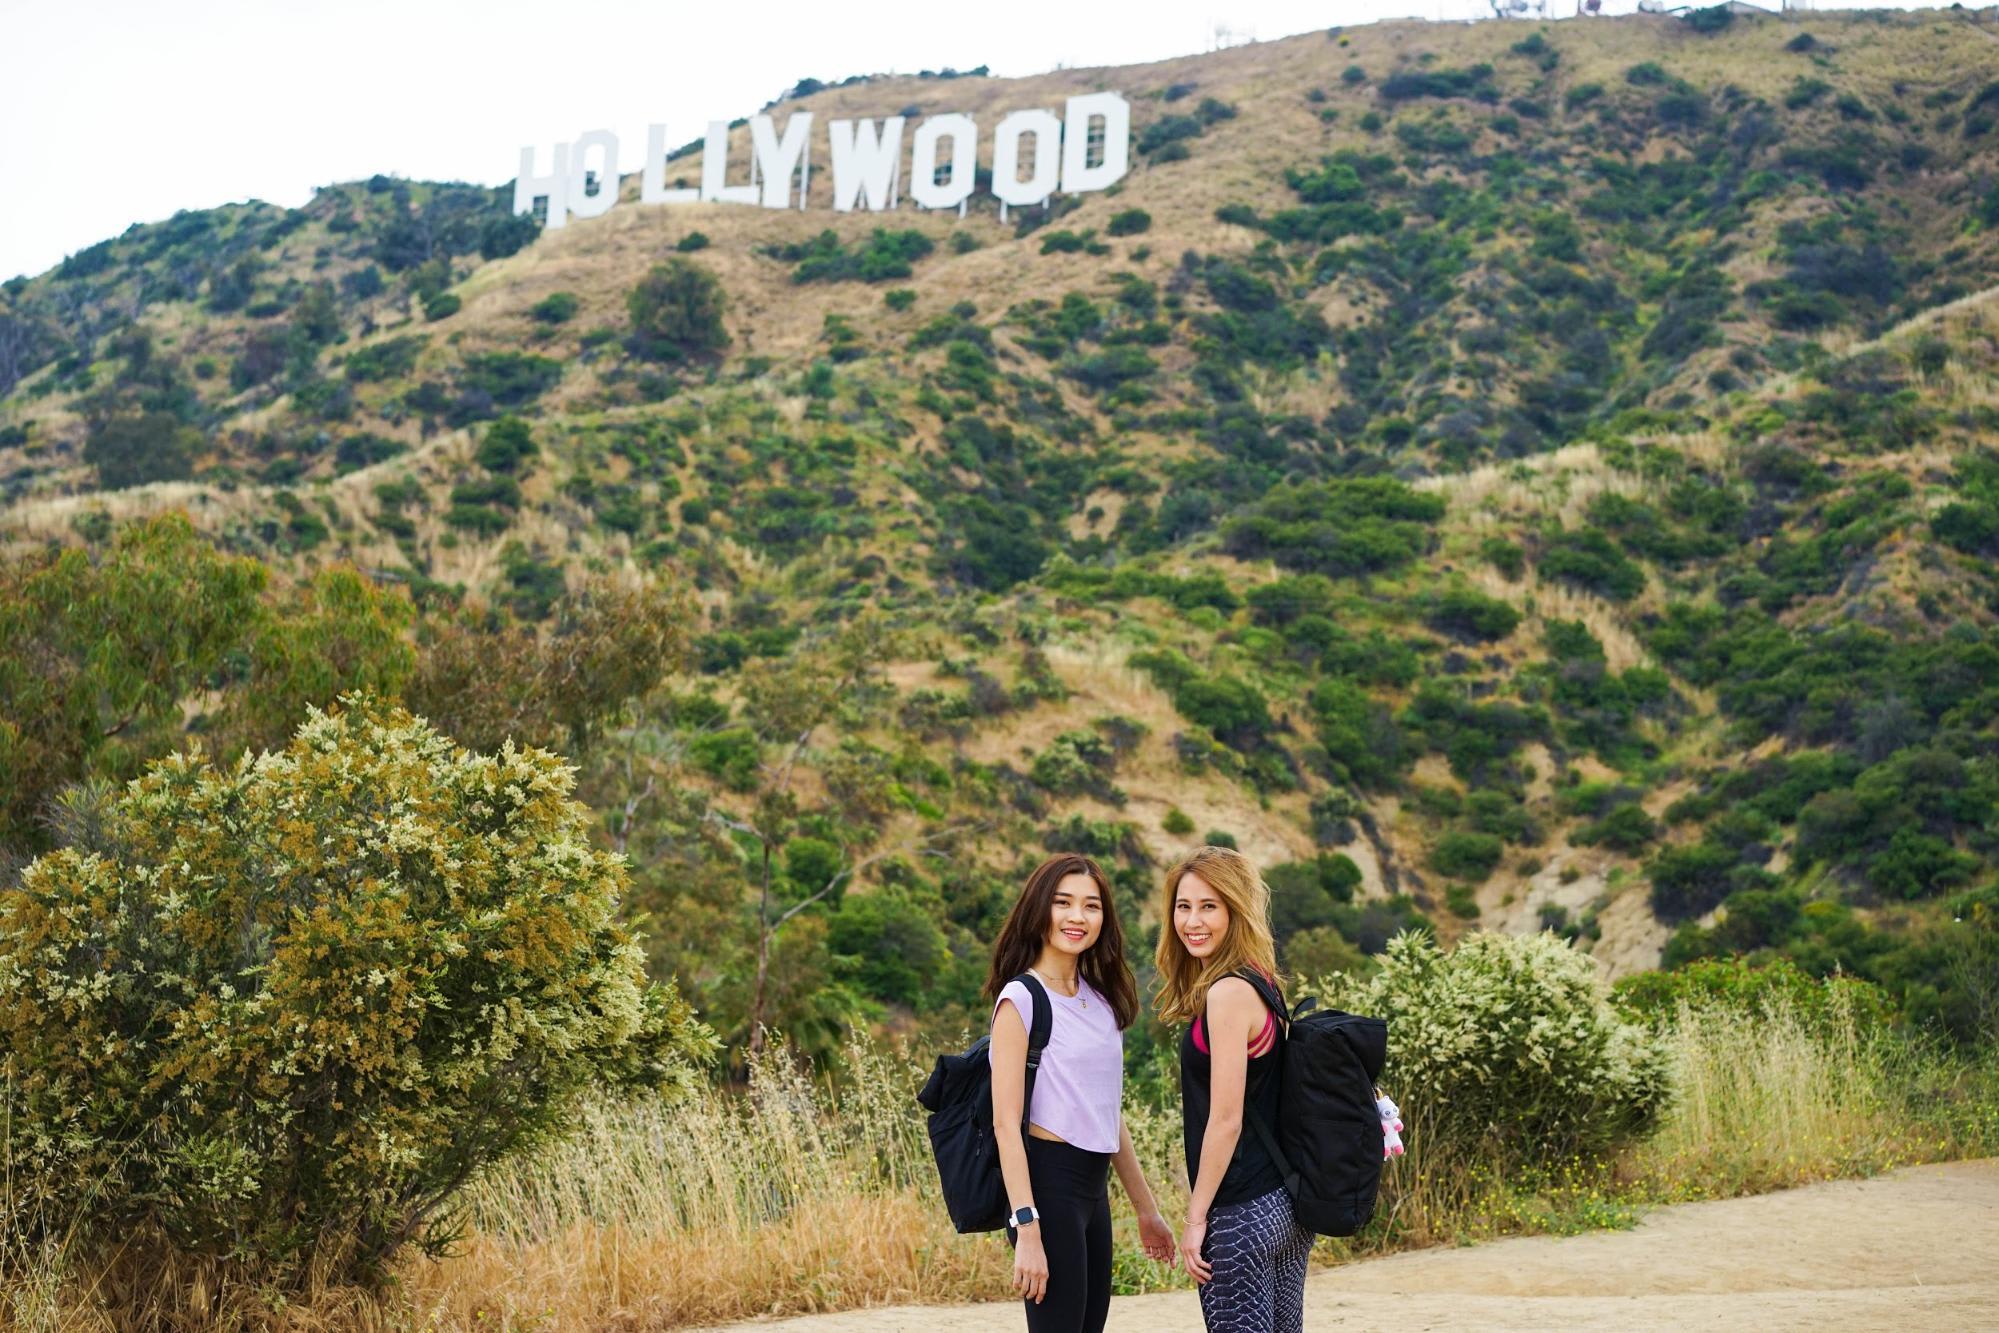 Bảng tên Hollywood